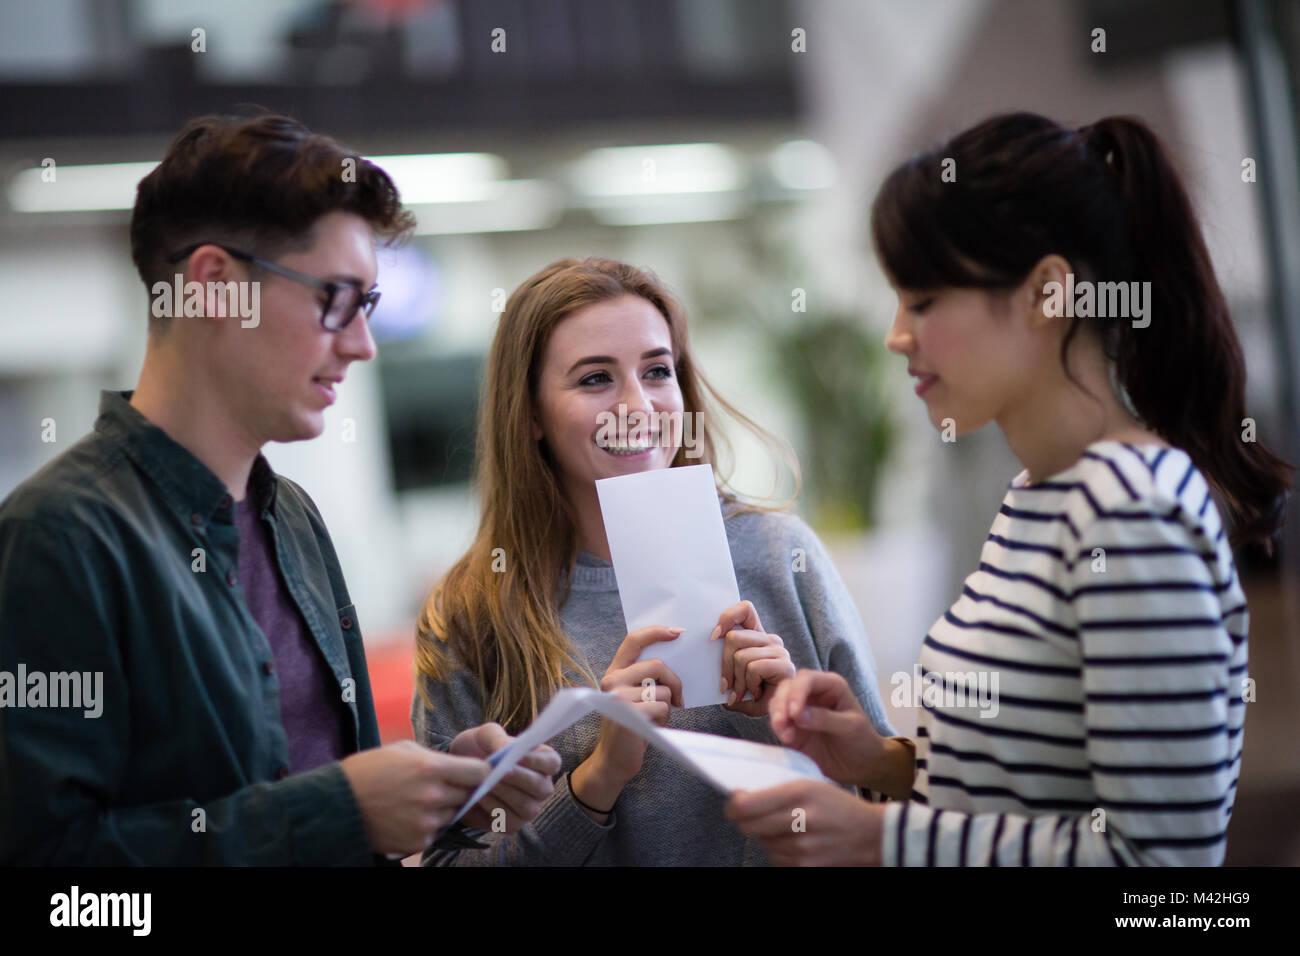 Los estudiantes nervioso acerca de los resultados de los exámenes de apertura Imagen De Stock